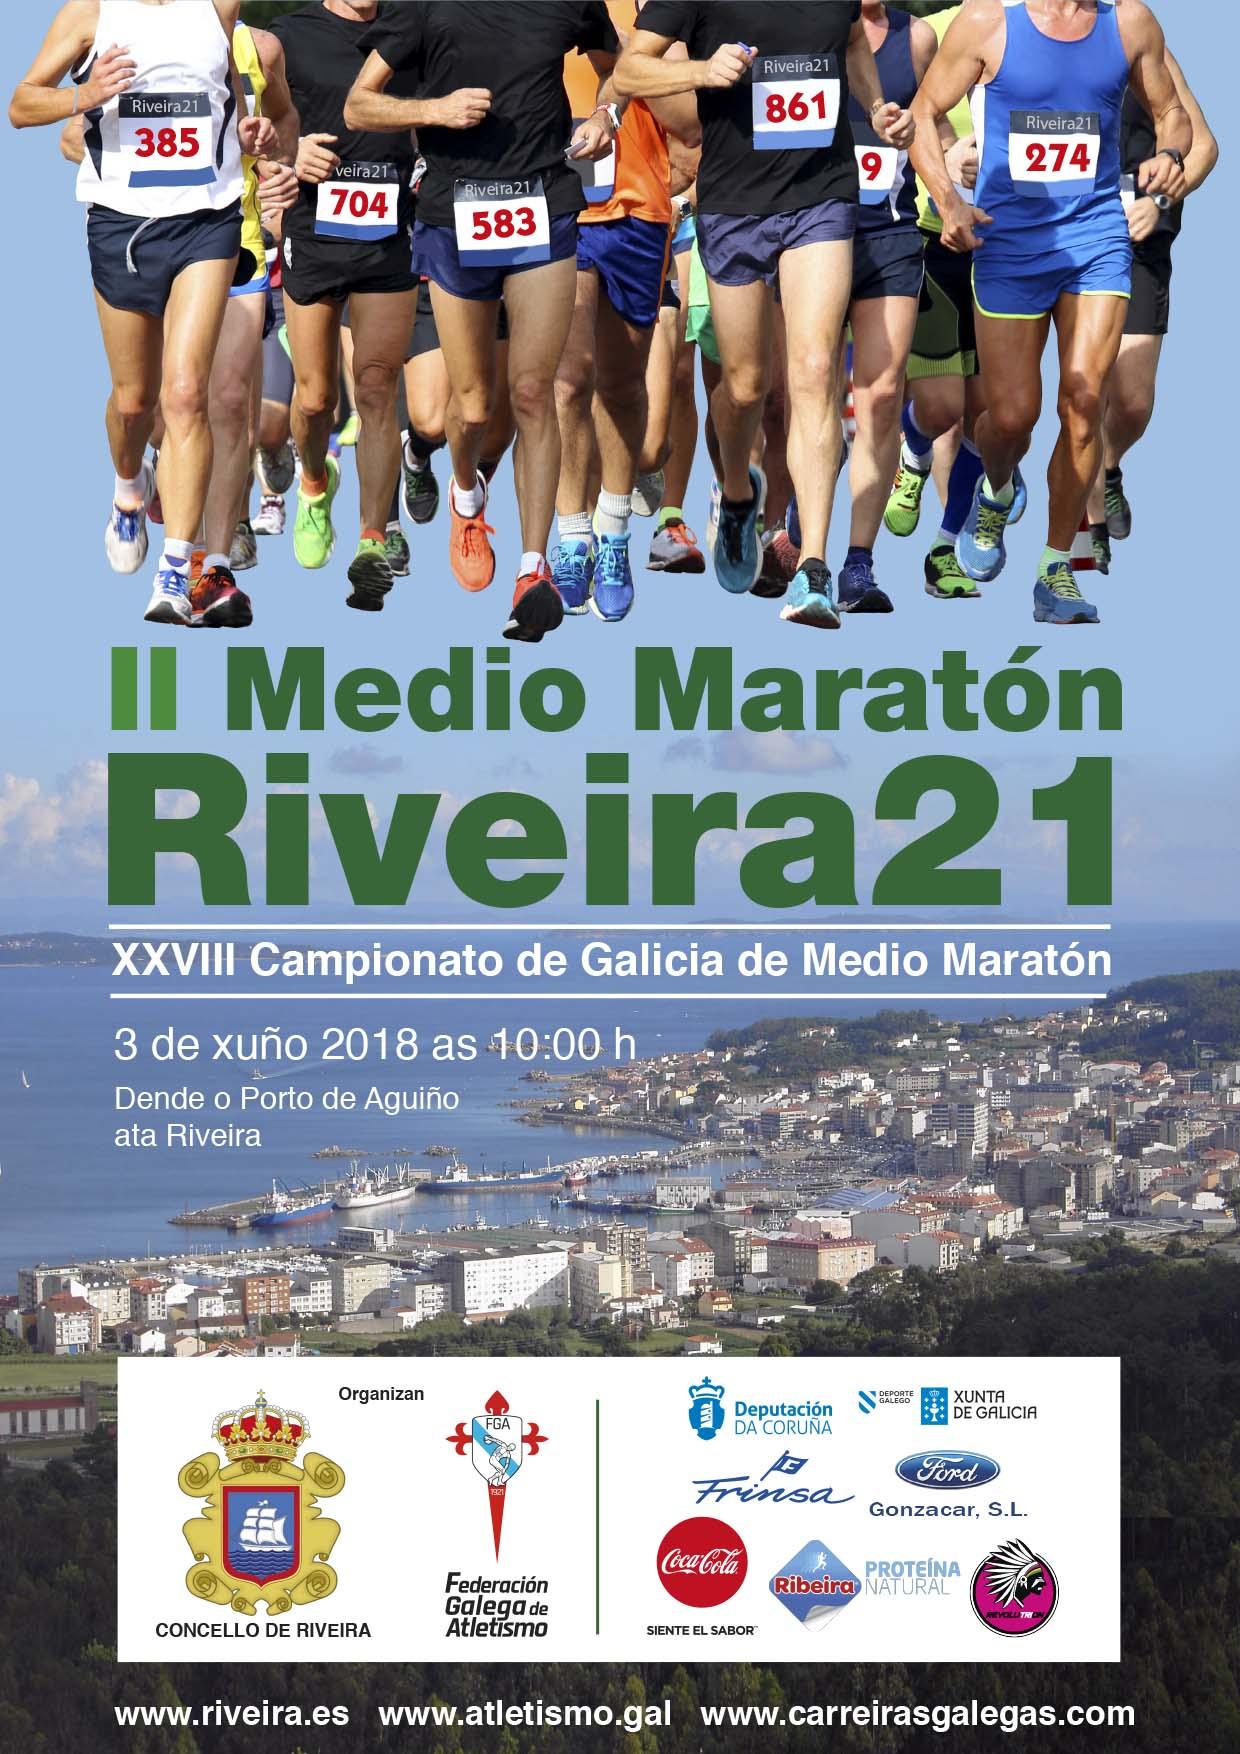 XXVIII Campionato de Galicia de Medio Maratón